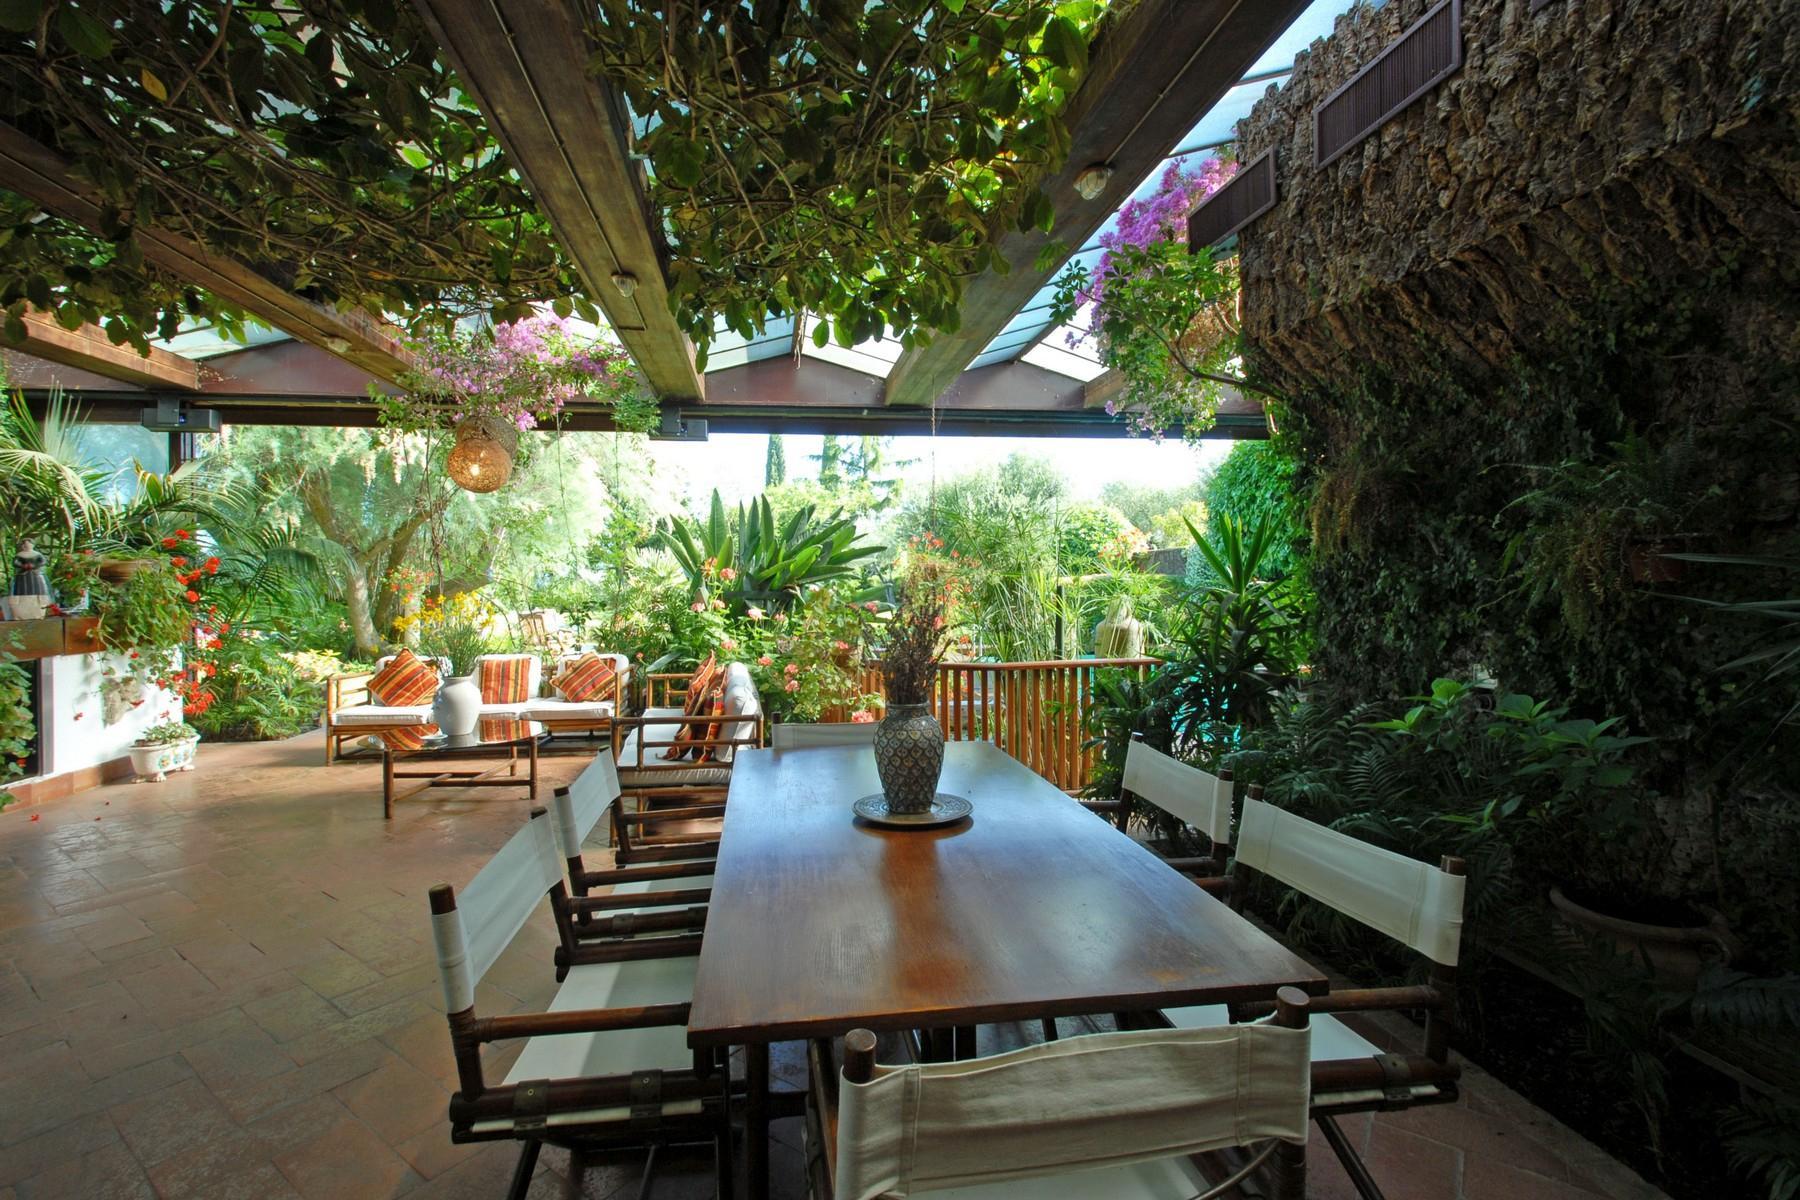 Superbe propriété avec jardin d'hiver, court de tennis et piscine - 24